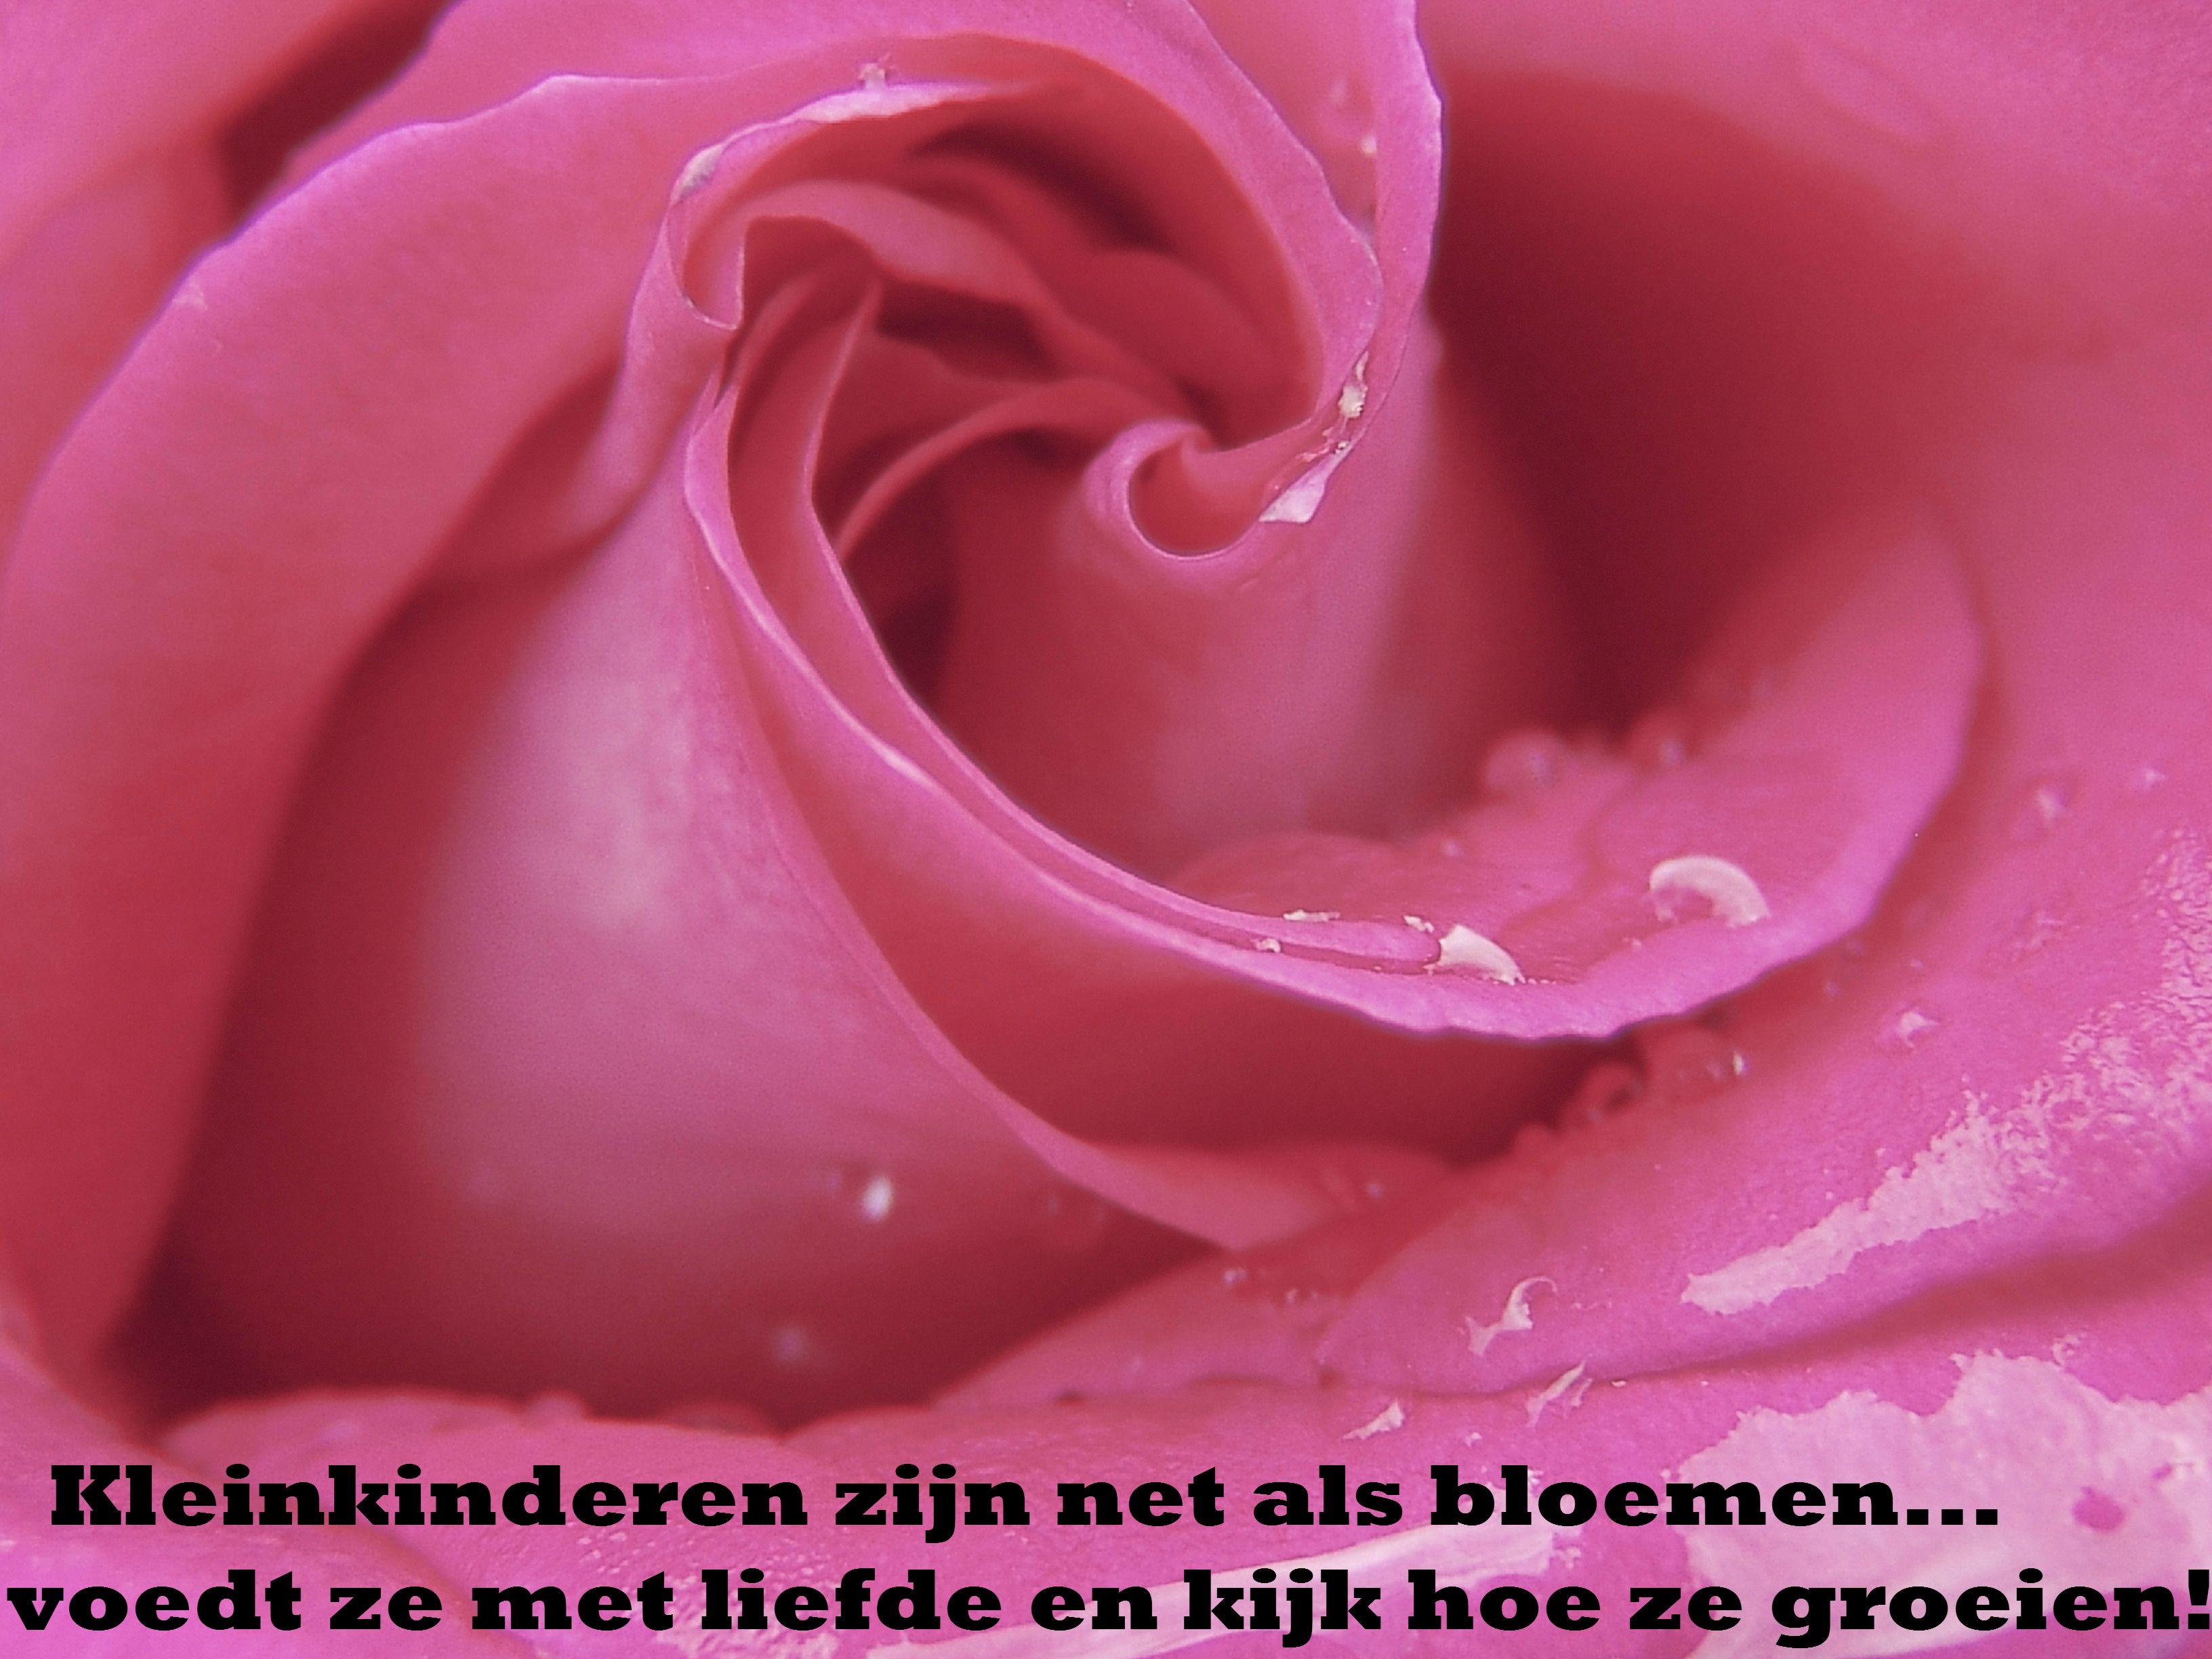 Kleinkinderen zijn net als bloemen. Voedt ze met liefde en kijk hoe ze groeien! www.omasoppastas.nl